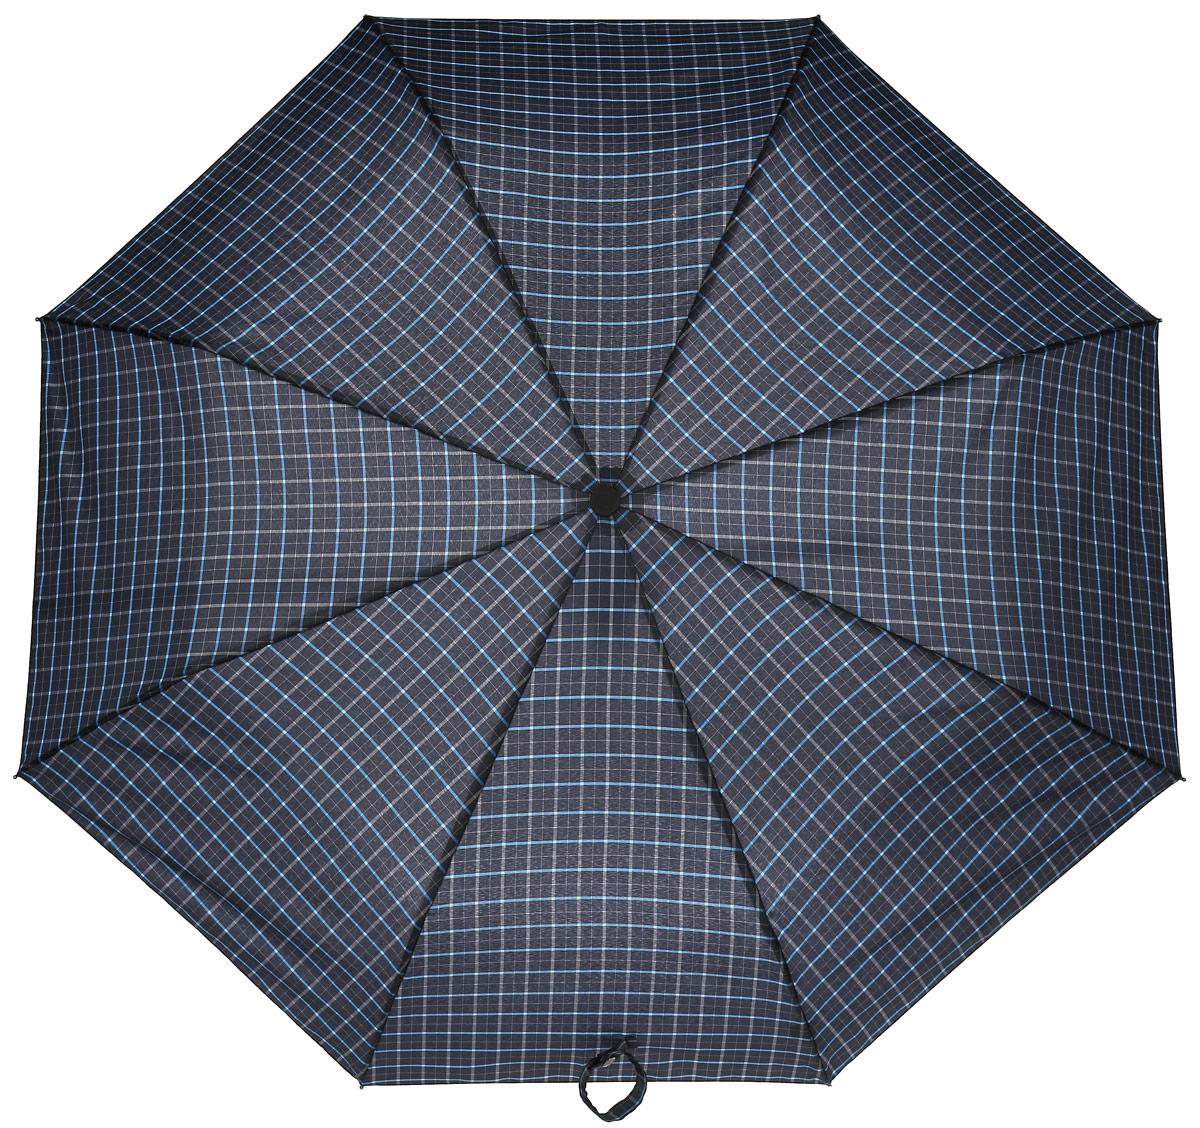 Зонт мужской Flioraj, автомат, 3 сложения, цвет: серый. 31005 FJ31005 FJСдержанность, продуманный стиль, инновационные технологии и современные материалы и сплавы - искусное переплетение инженерных и дизайнерских решений. Плавные линии слегка удлиненной ручки подарят ладоням тепло и комфорт в ненастье. Большой диаметр и форма купола — идеальная защита от дождя.